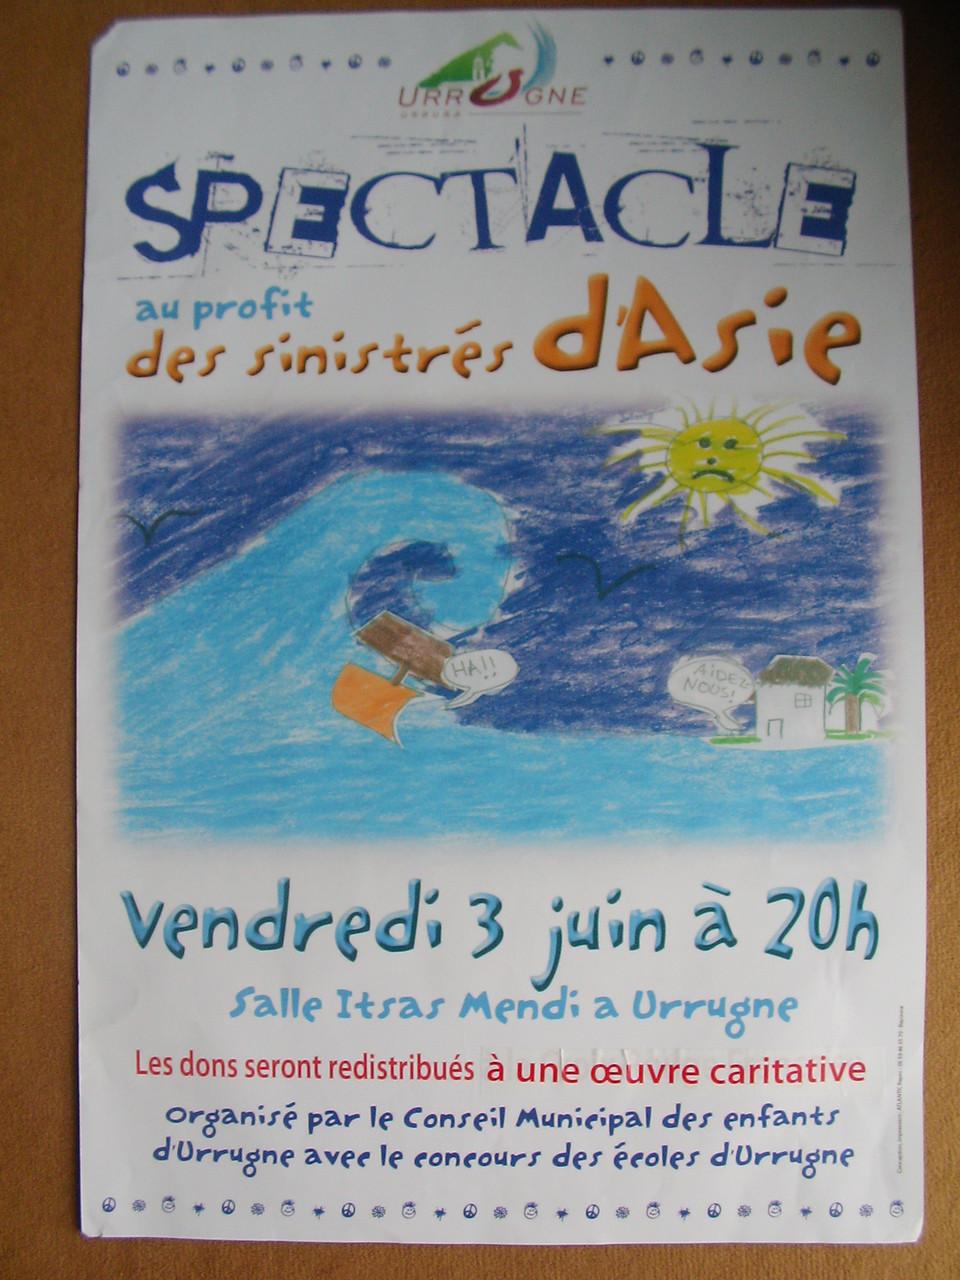 Juin 2005 - Les jeunes encadrés par Battite Garmendia, Thomas Heinis et Odile de Coral